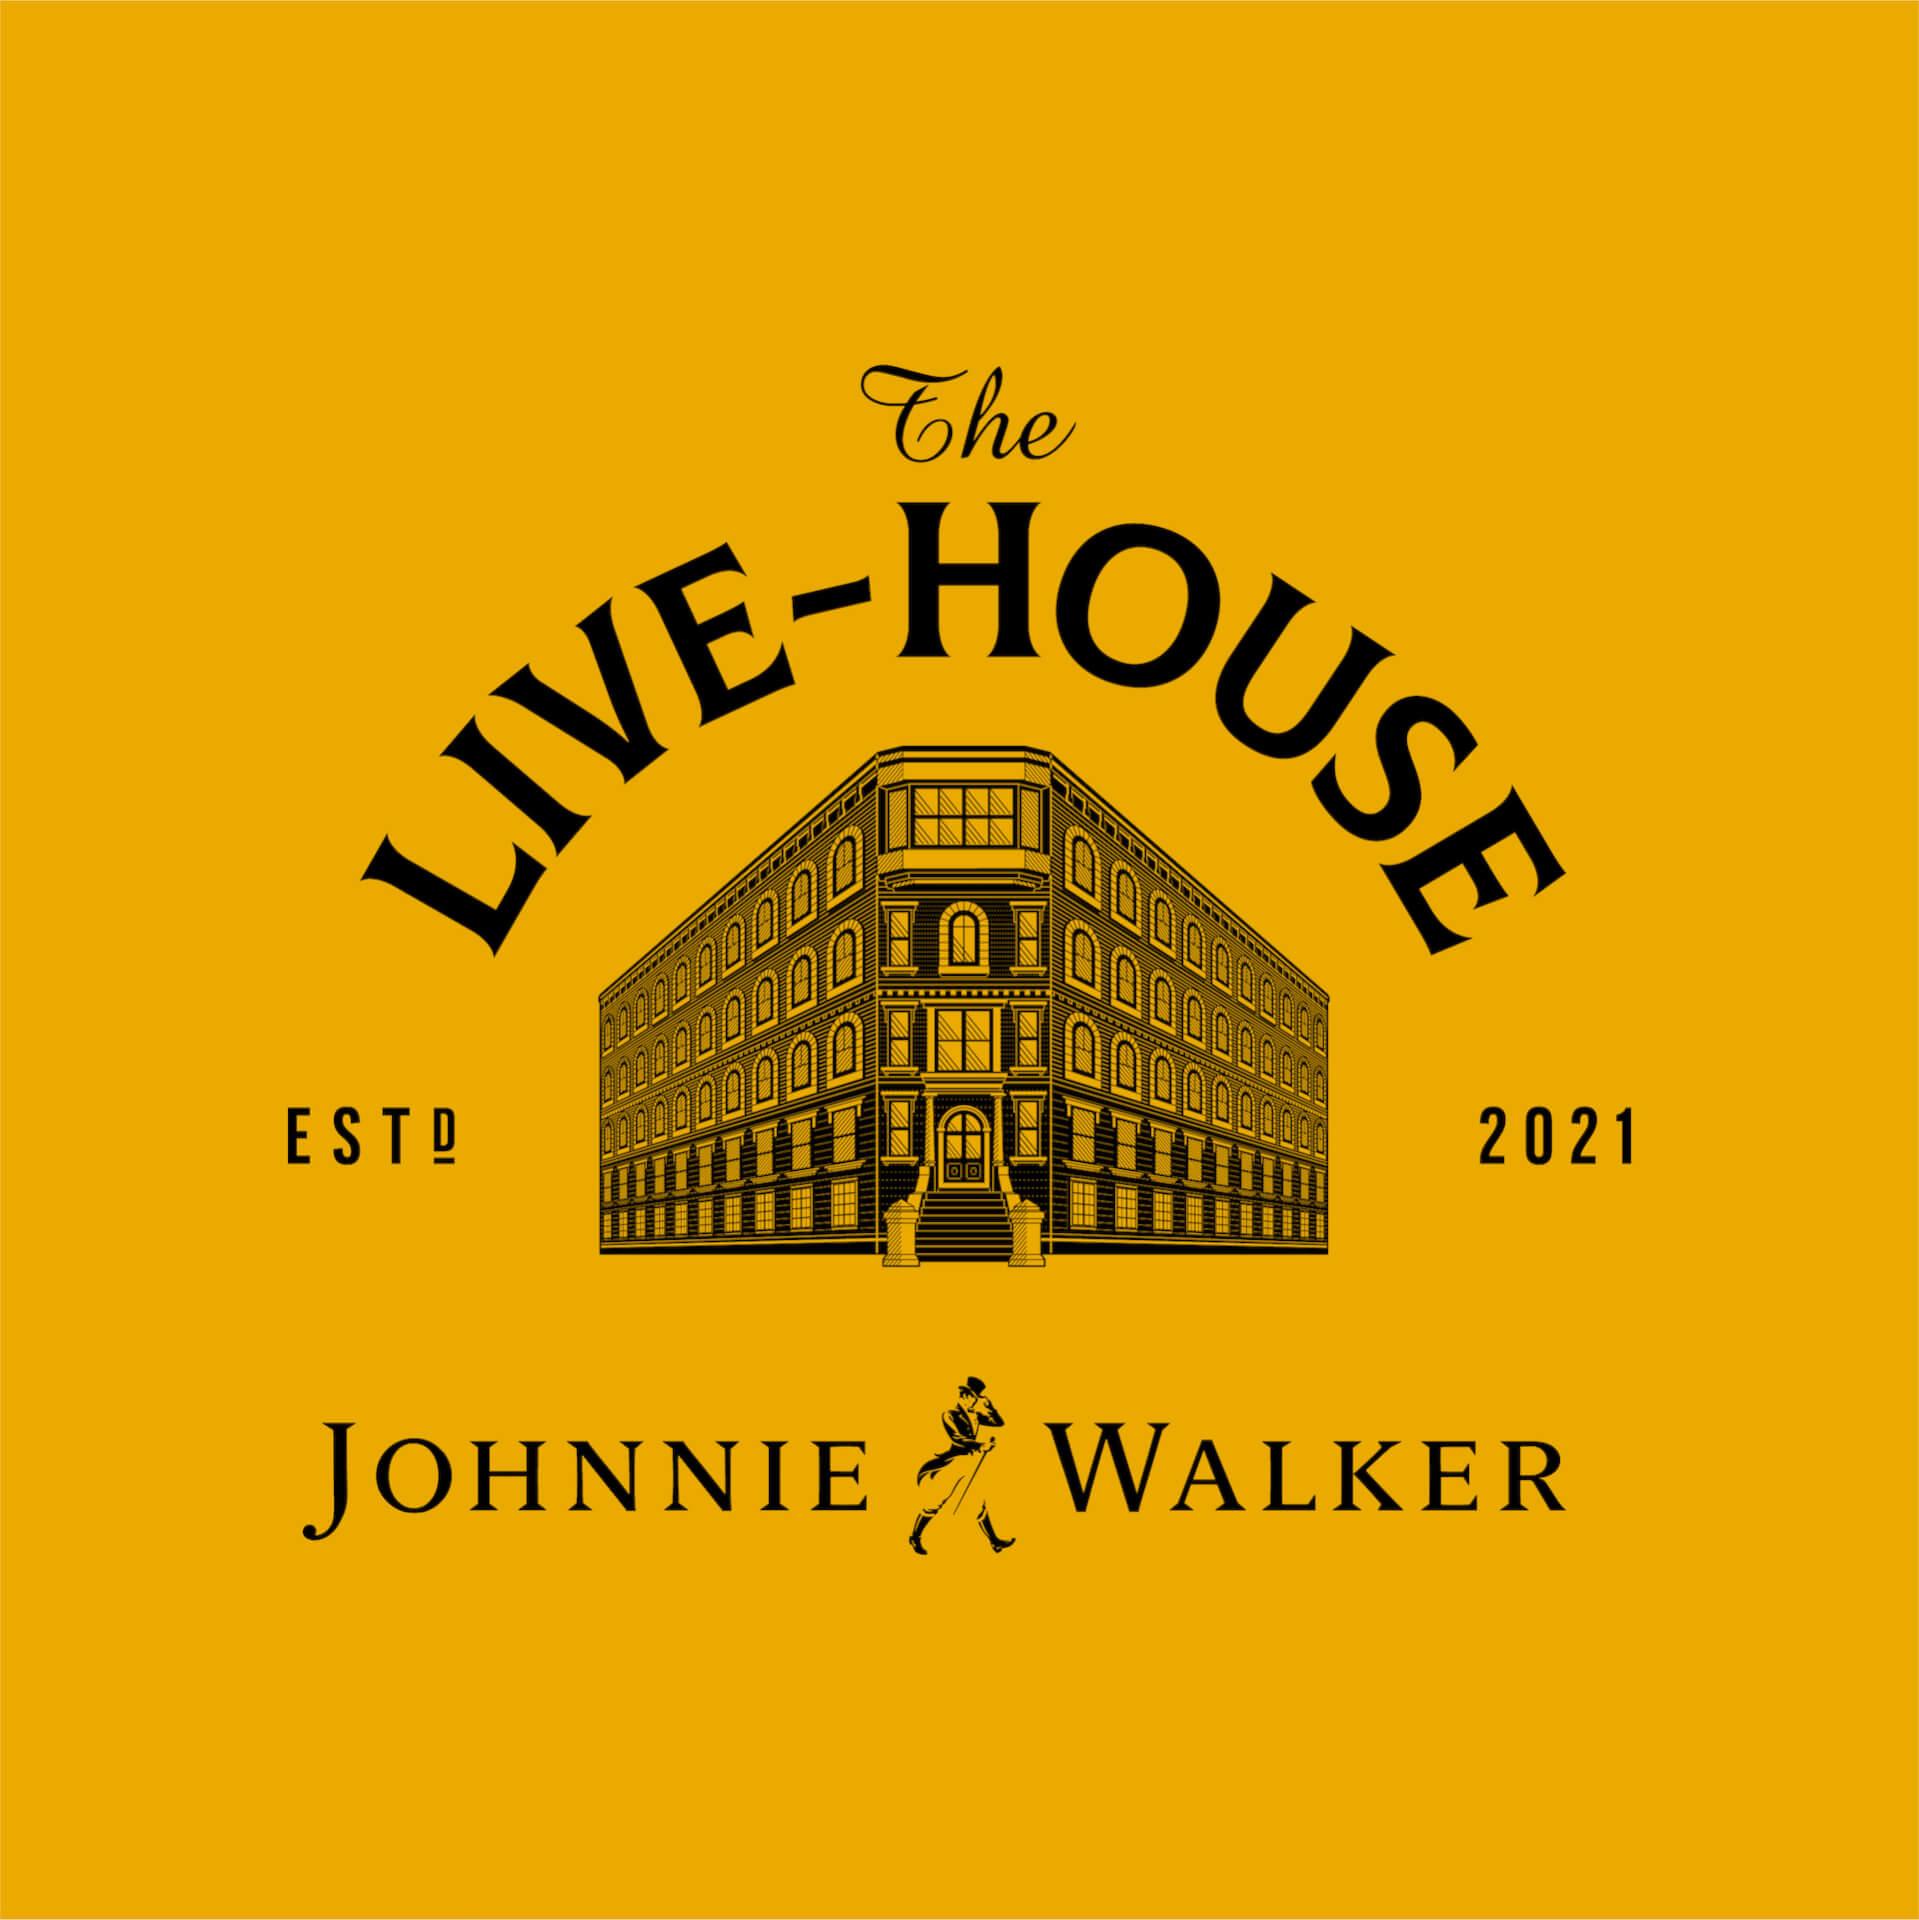 ジョニーウォーカーのオンラインライブシリーズ<The LIVE-HOUSE>にSTUTS、大比良瑞希ら出演決定!ミニボトルが抽選で当たるキャンペーンも music210526_the-live-house-210526_4